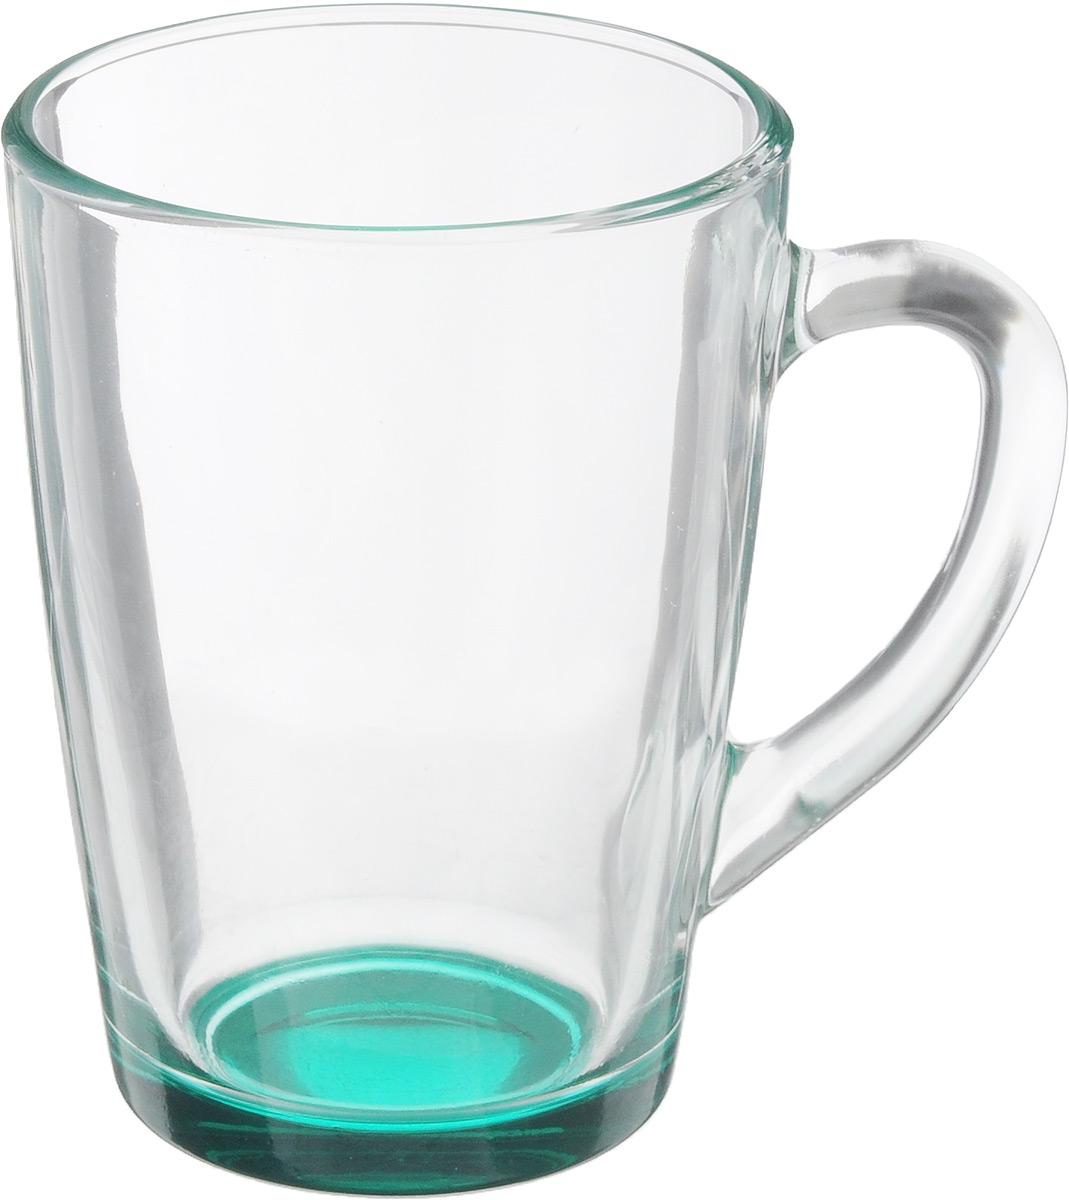 Кружка OSZ Капучино, цвет: прозрачный, зеленый, 300 мл. 07C1334LM54 009312Кружка OSZ Капучино изготовлена из стекла двух цветов. Изделие идеально подходит для сервировки стола.Кружка не только украсит ваш кухонный стол, но и подчеркнет прекрасный вкус хозяйки. Диаметр кружки (по верхнему краю): 8 см. Высота кружки: 11 см. Объем кружки: 300 мл.